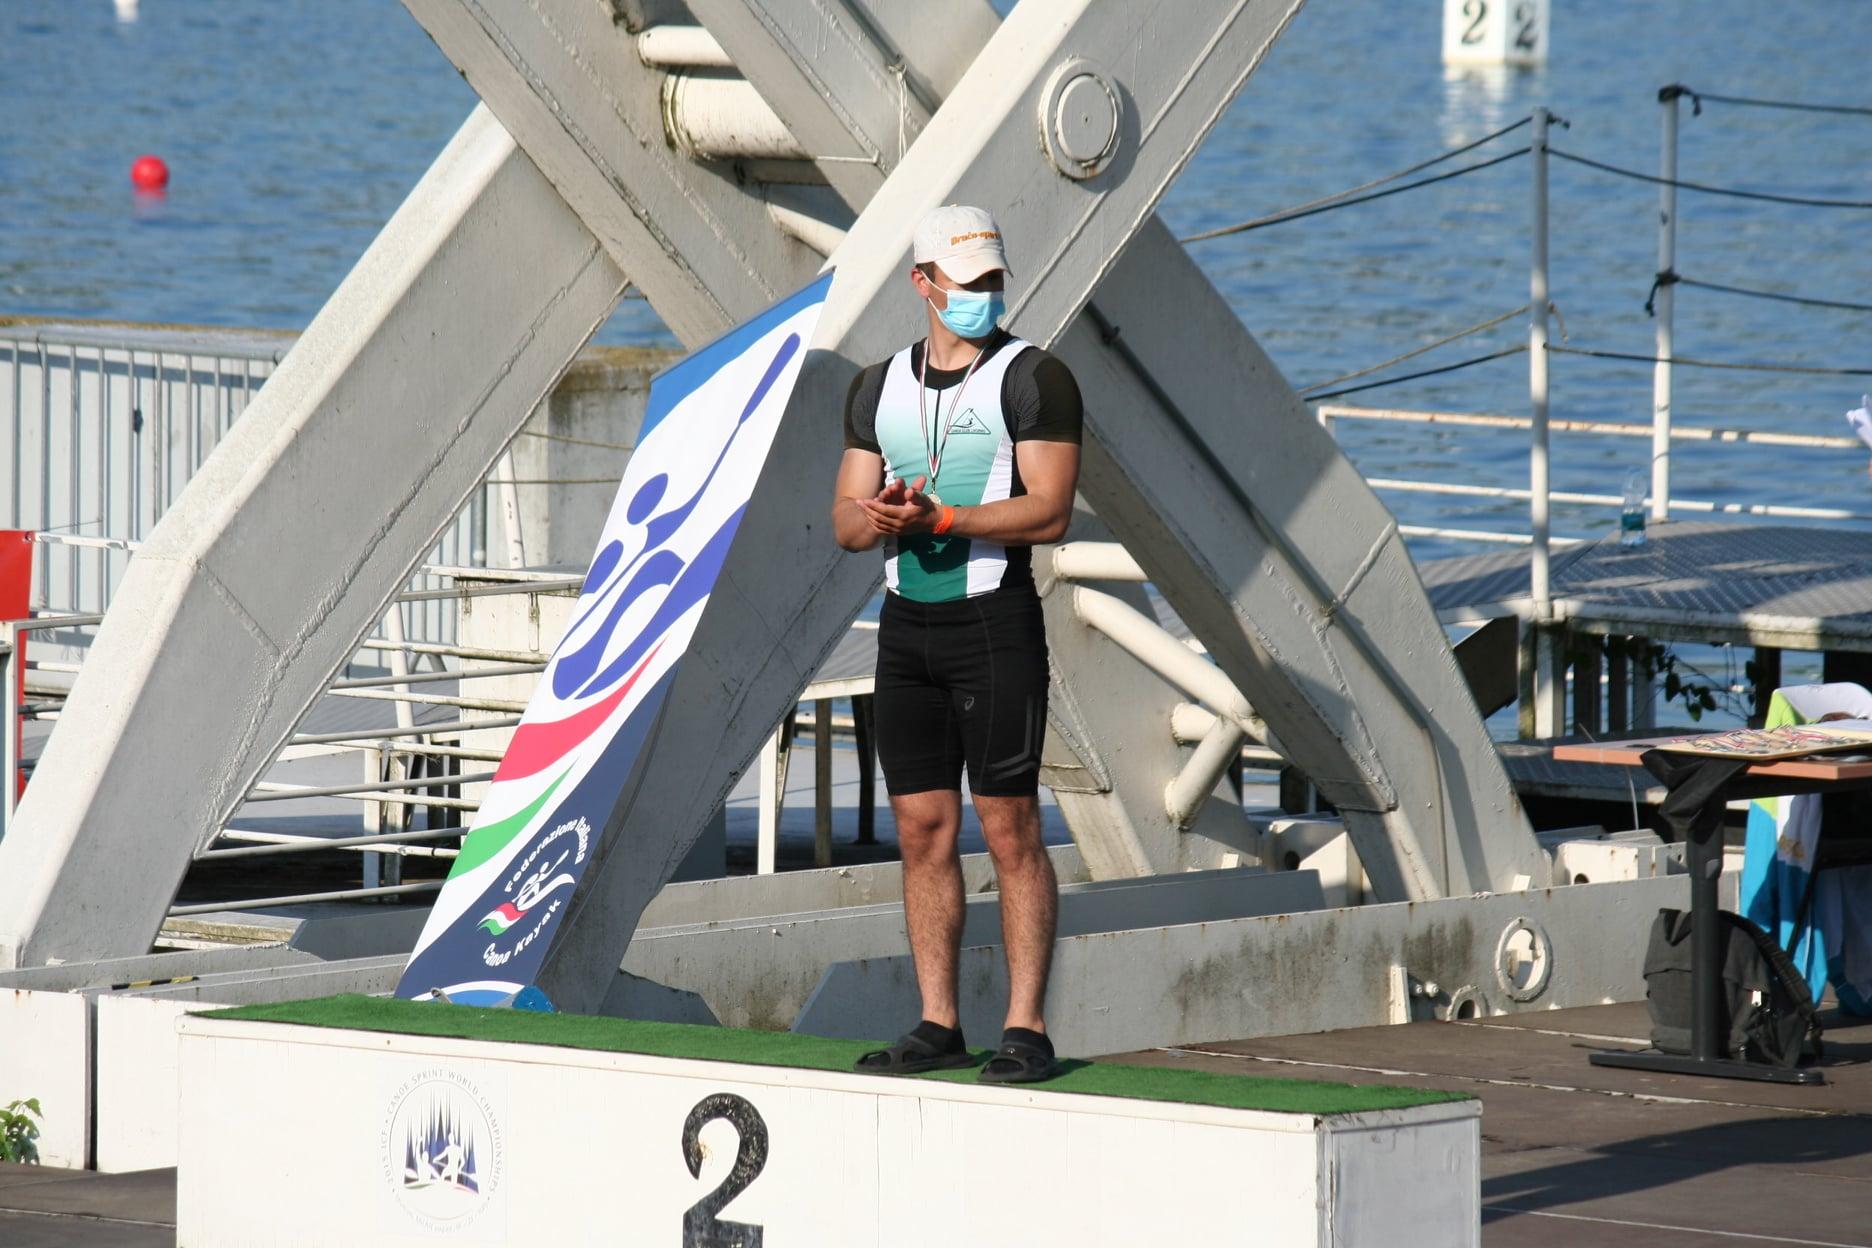 Federico-sul-podio-200-metri